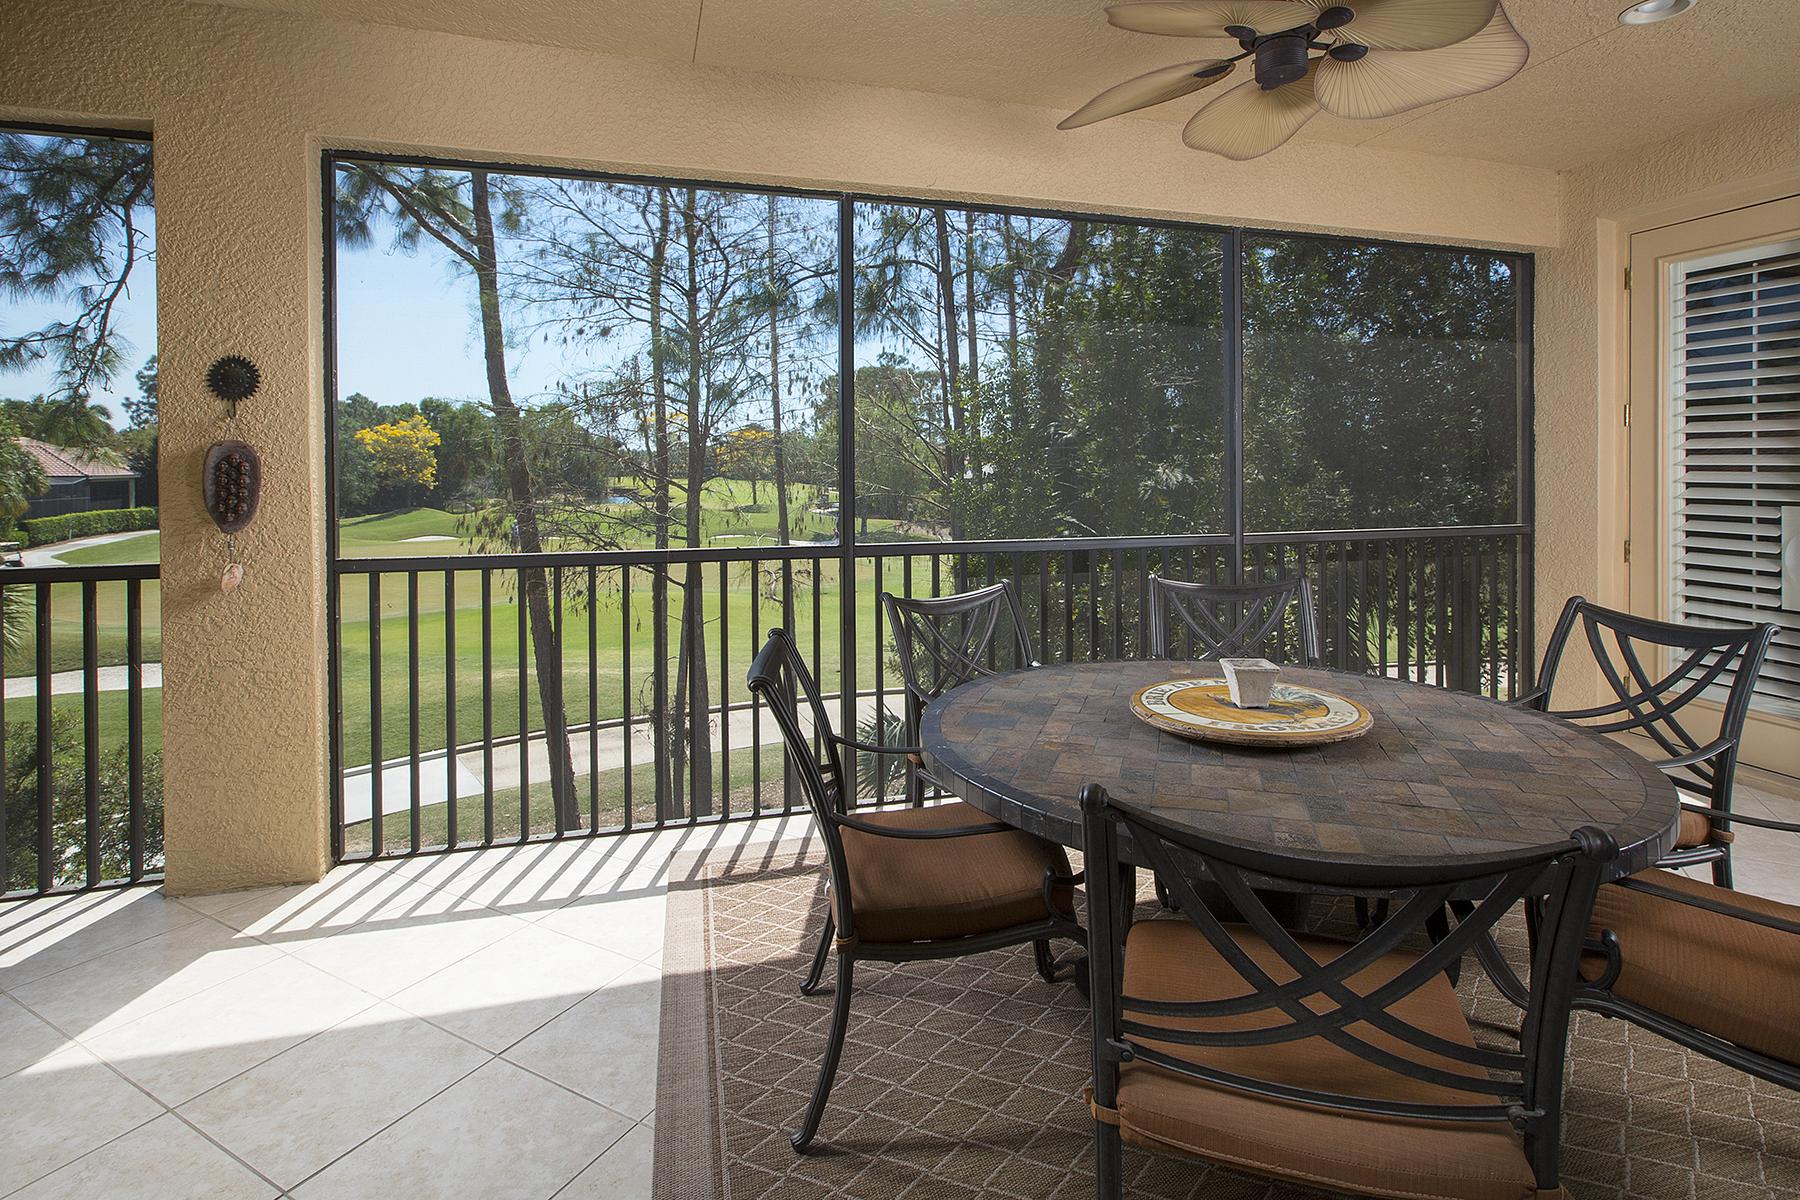 Condominium for Sale at VASARI - ALTESSA 28510 Altessa Way 201, Bonita Springs, Florida 34135 United States